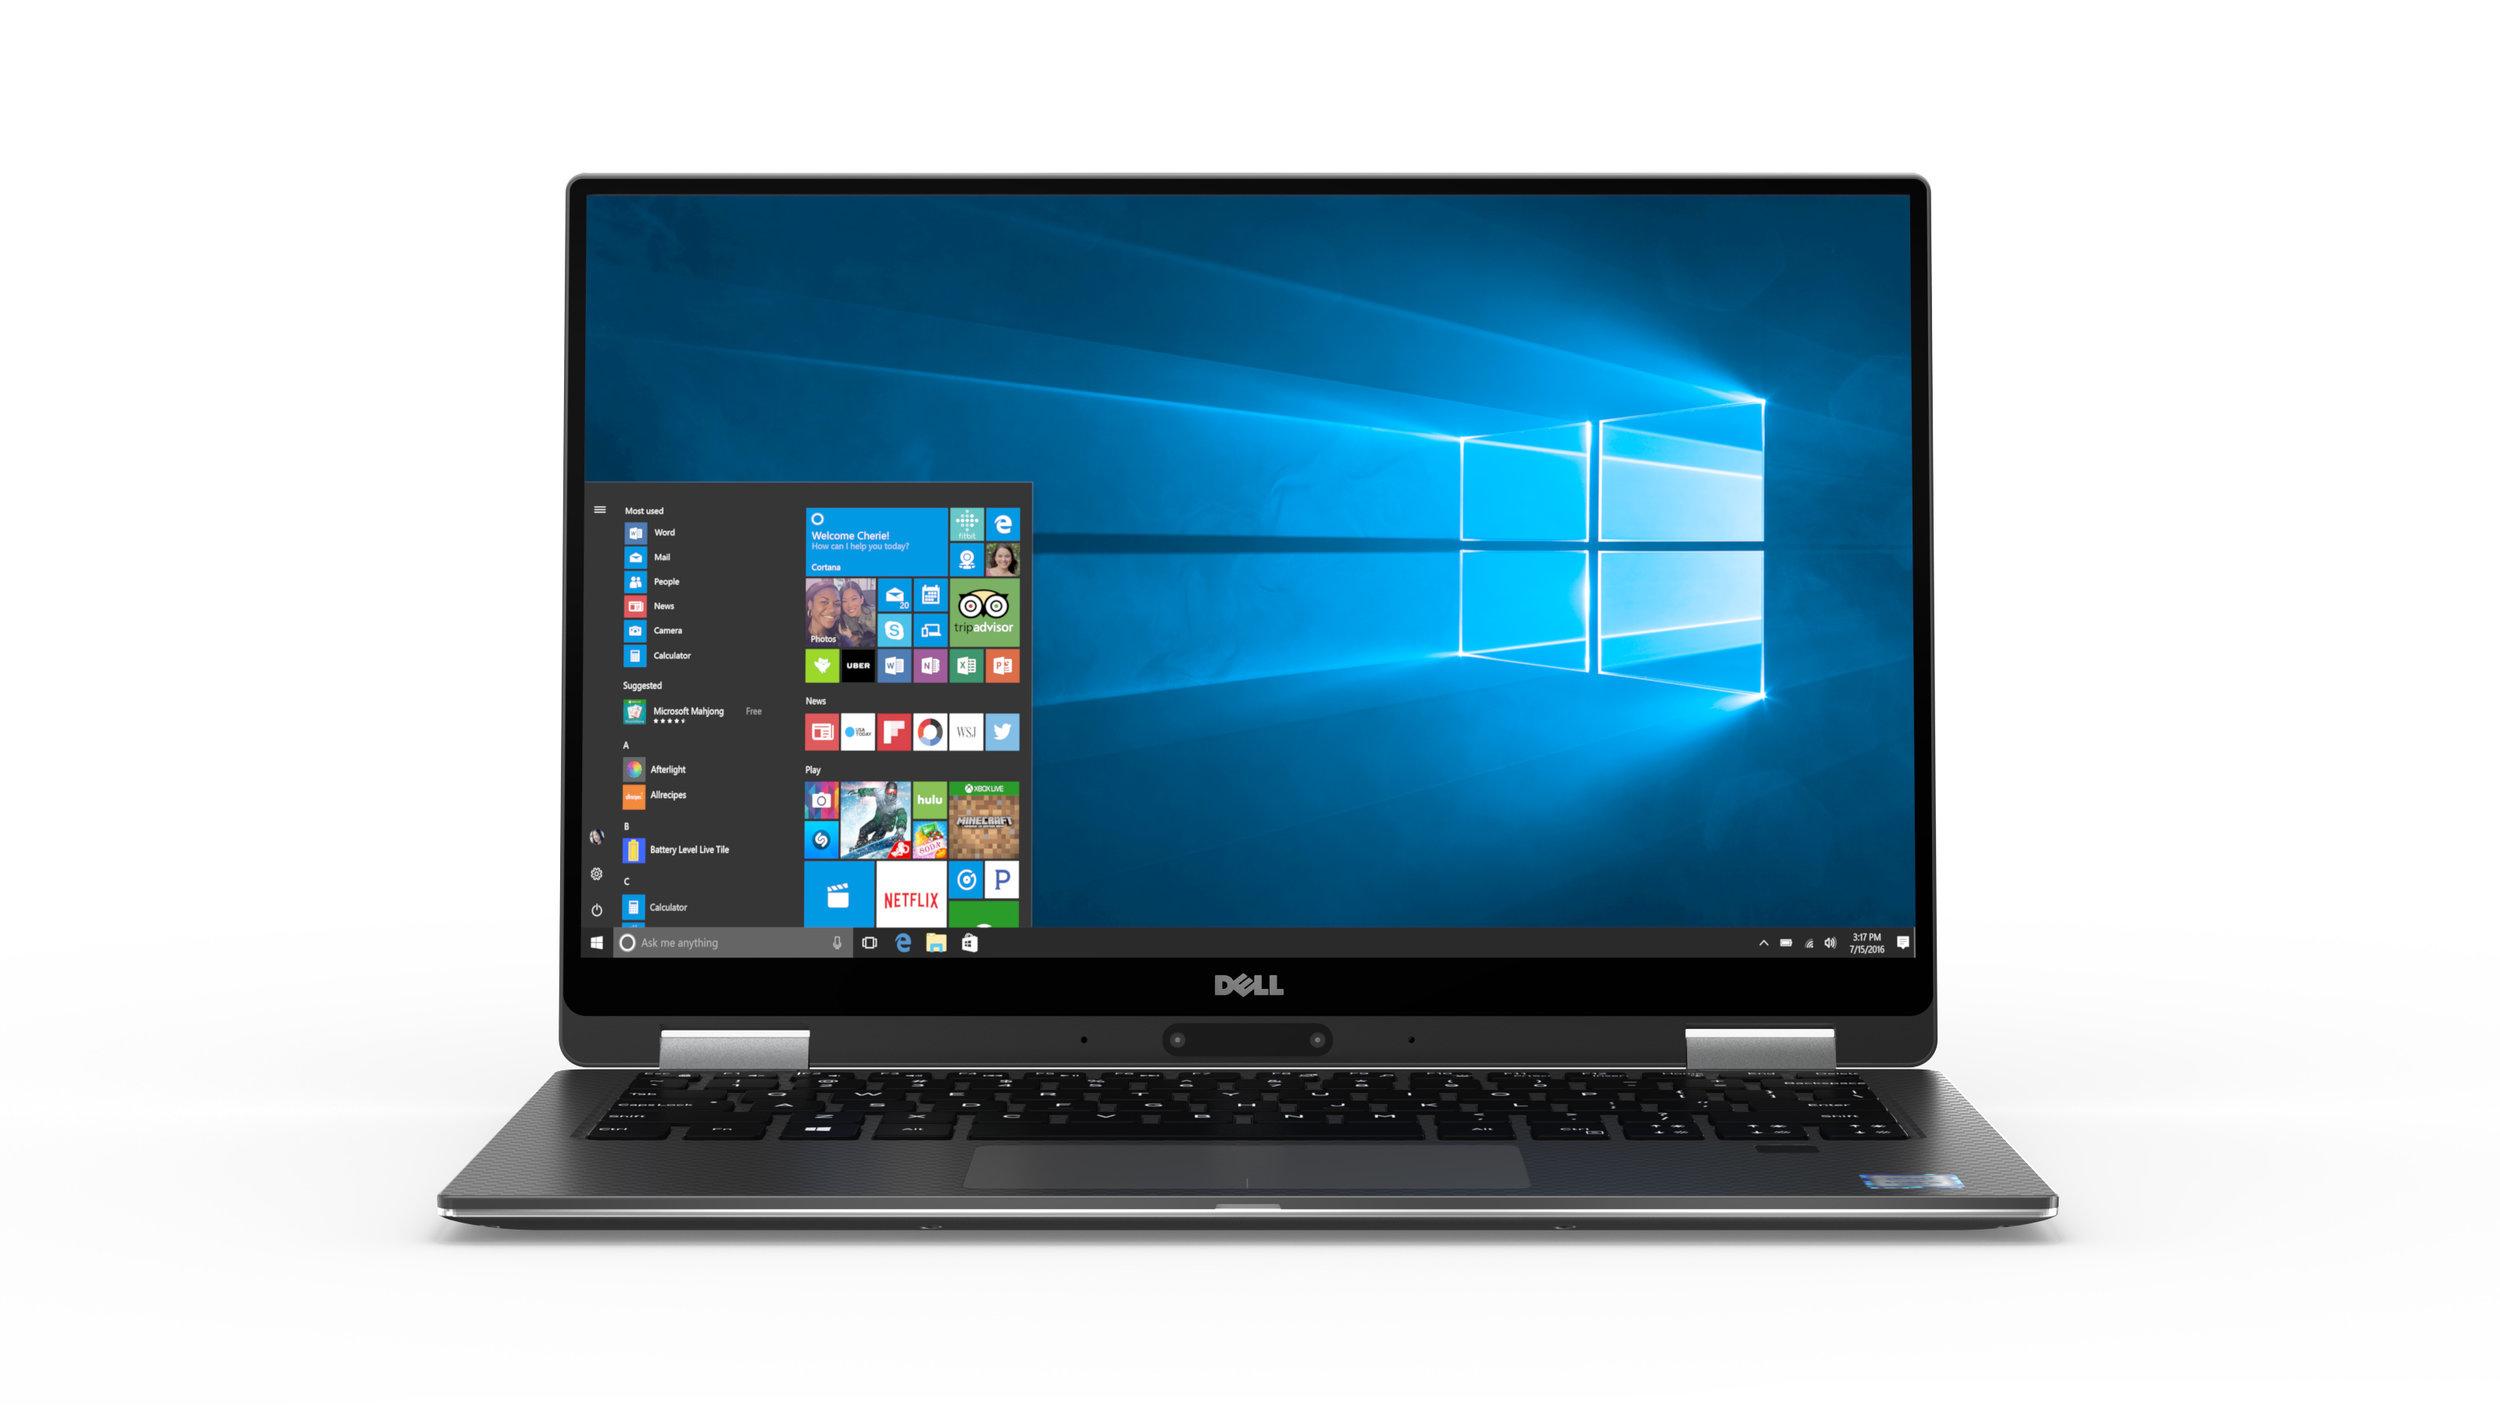 DellXPS2017_Laptop_Straight_170628_v1.jpg